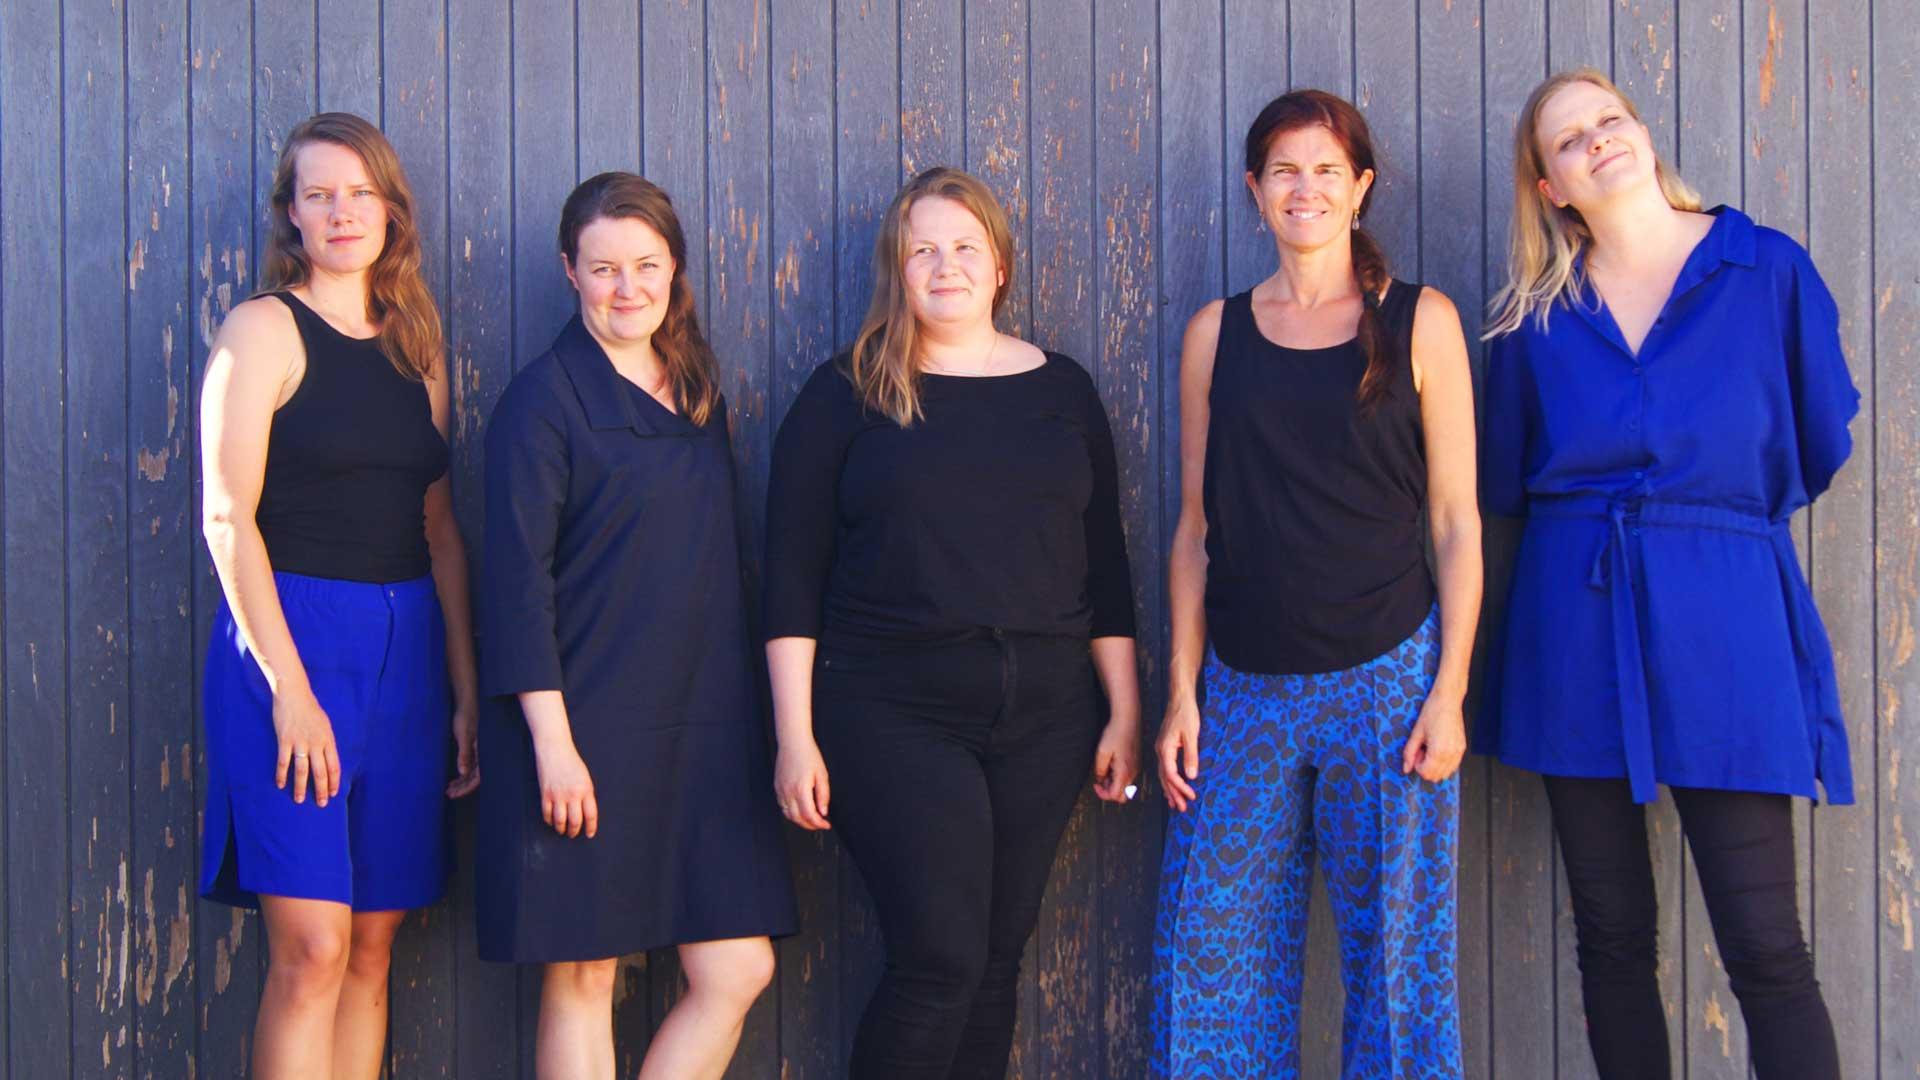 Anna Kruse nyt album - stryge kvartetten